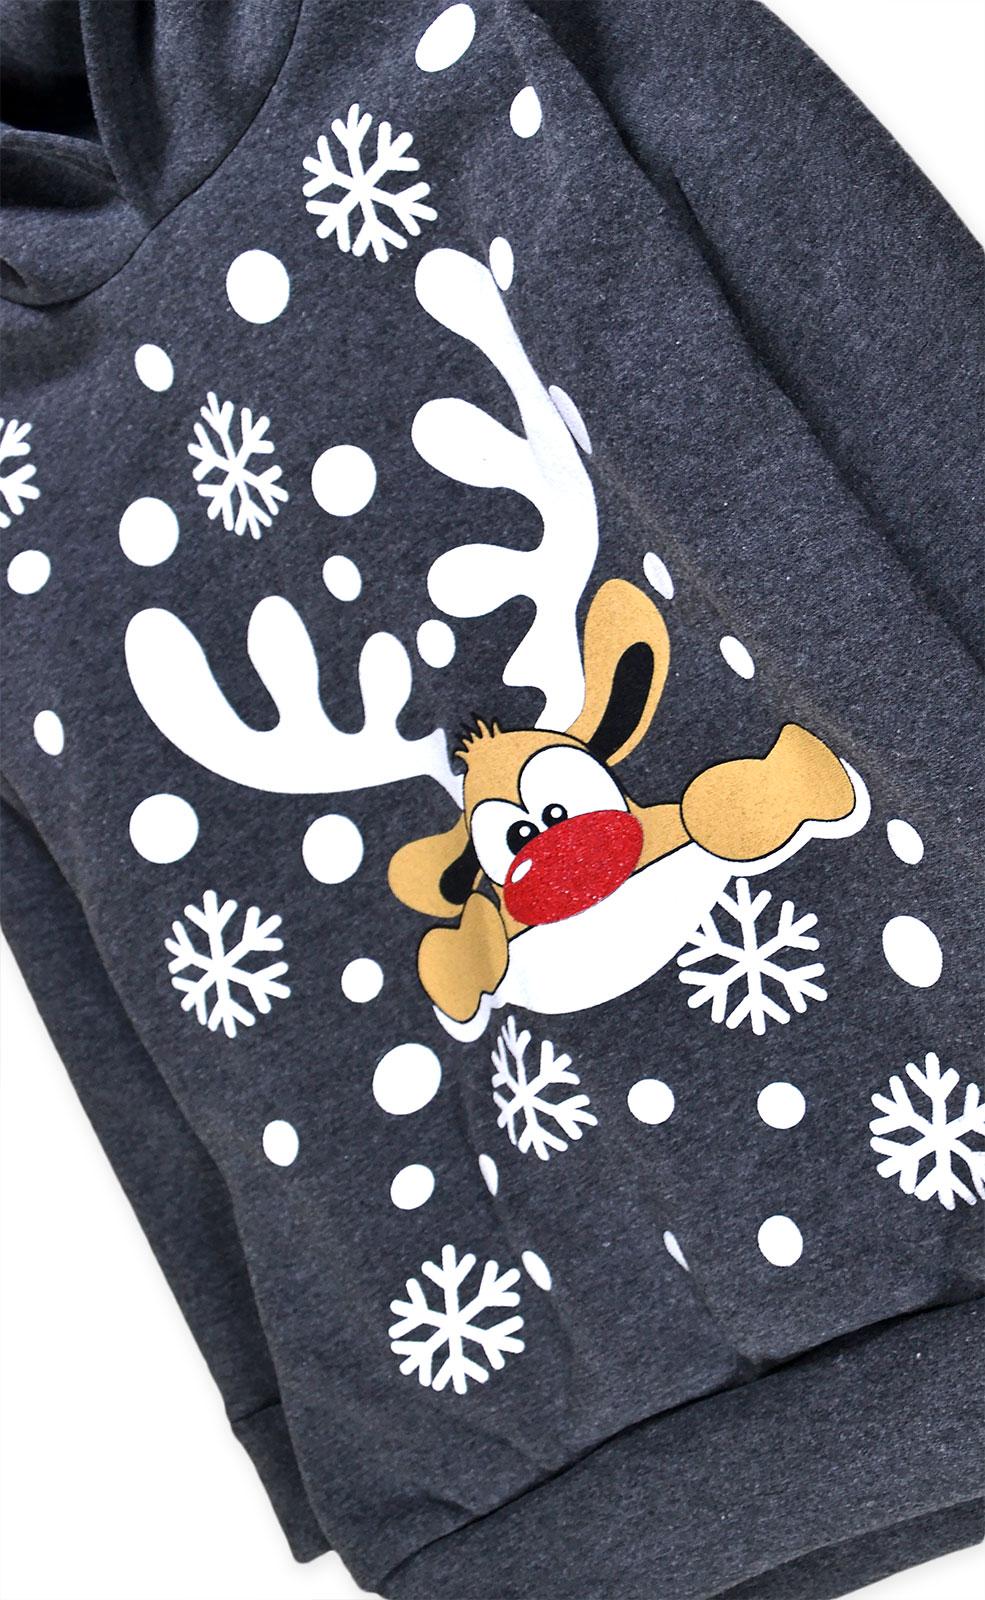 Kids-Christmas-Hoodie-New-Boys-Girls-Xmas-Reindeer-Rudolph-Jumper-Top-2-13-Yrs